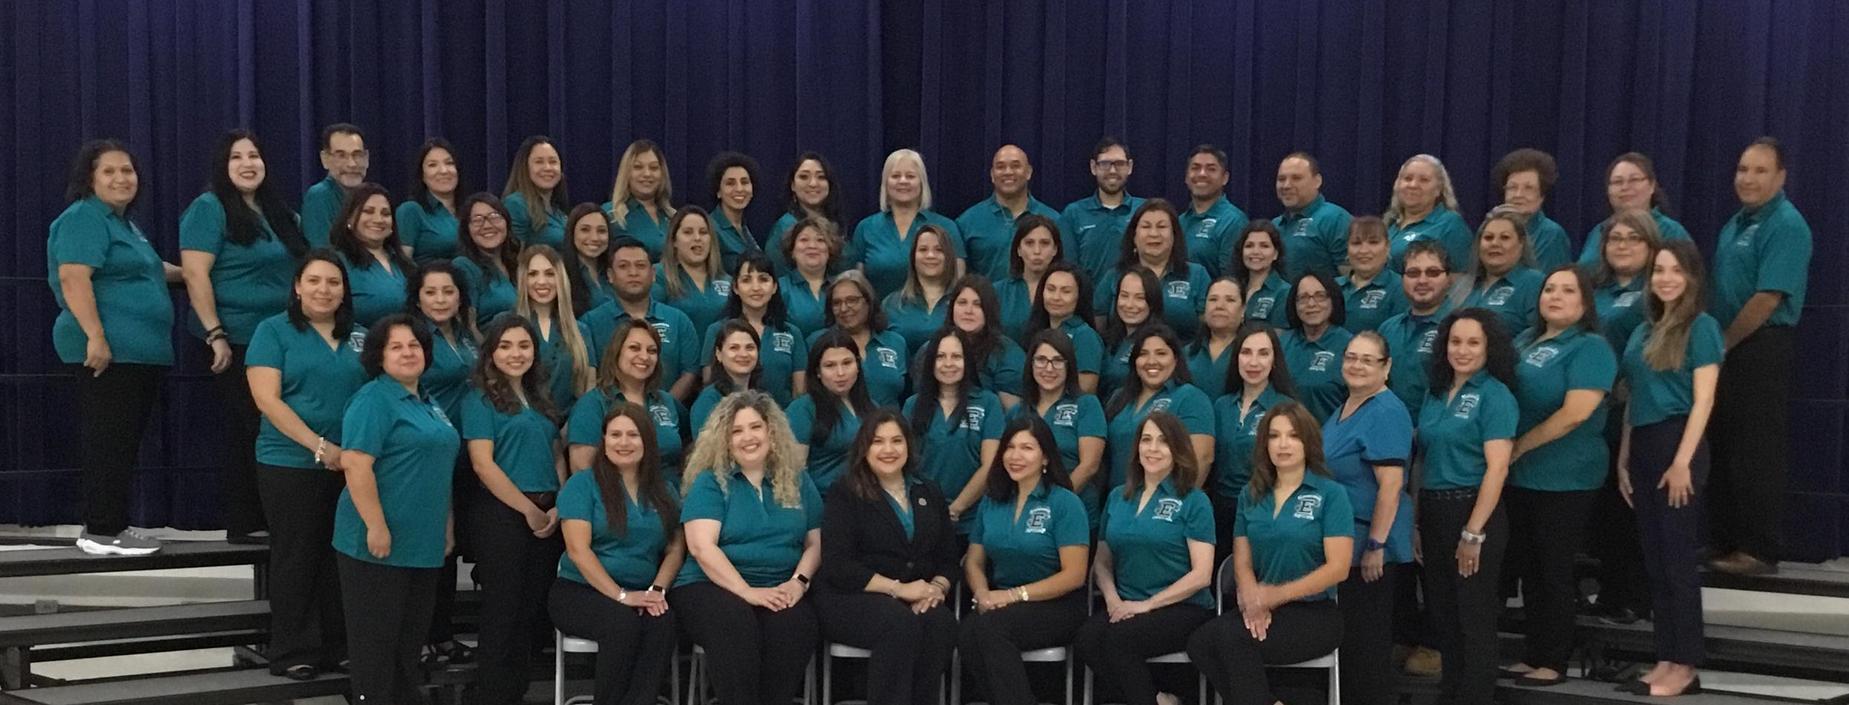 Eisenhower Faculty & Staff 2018-2019